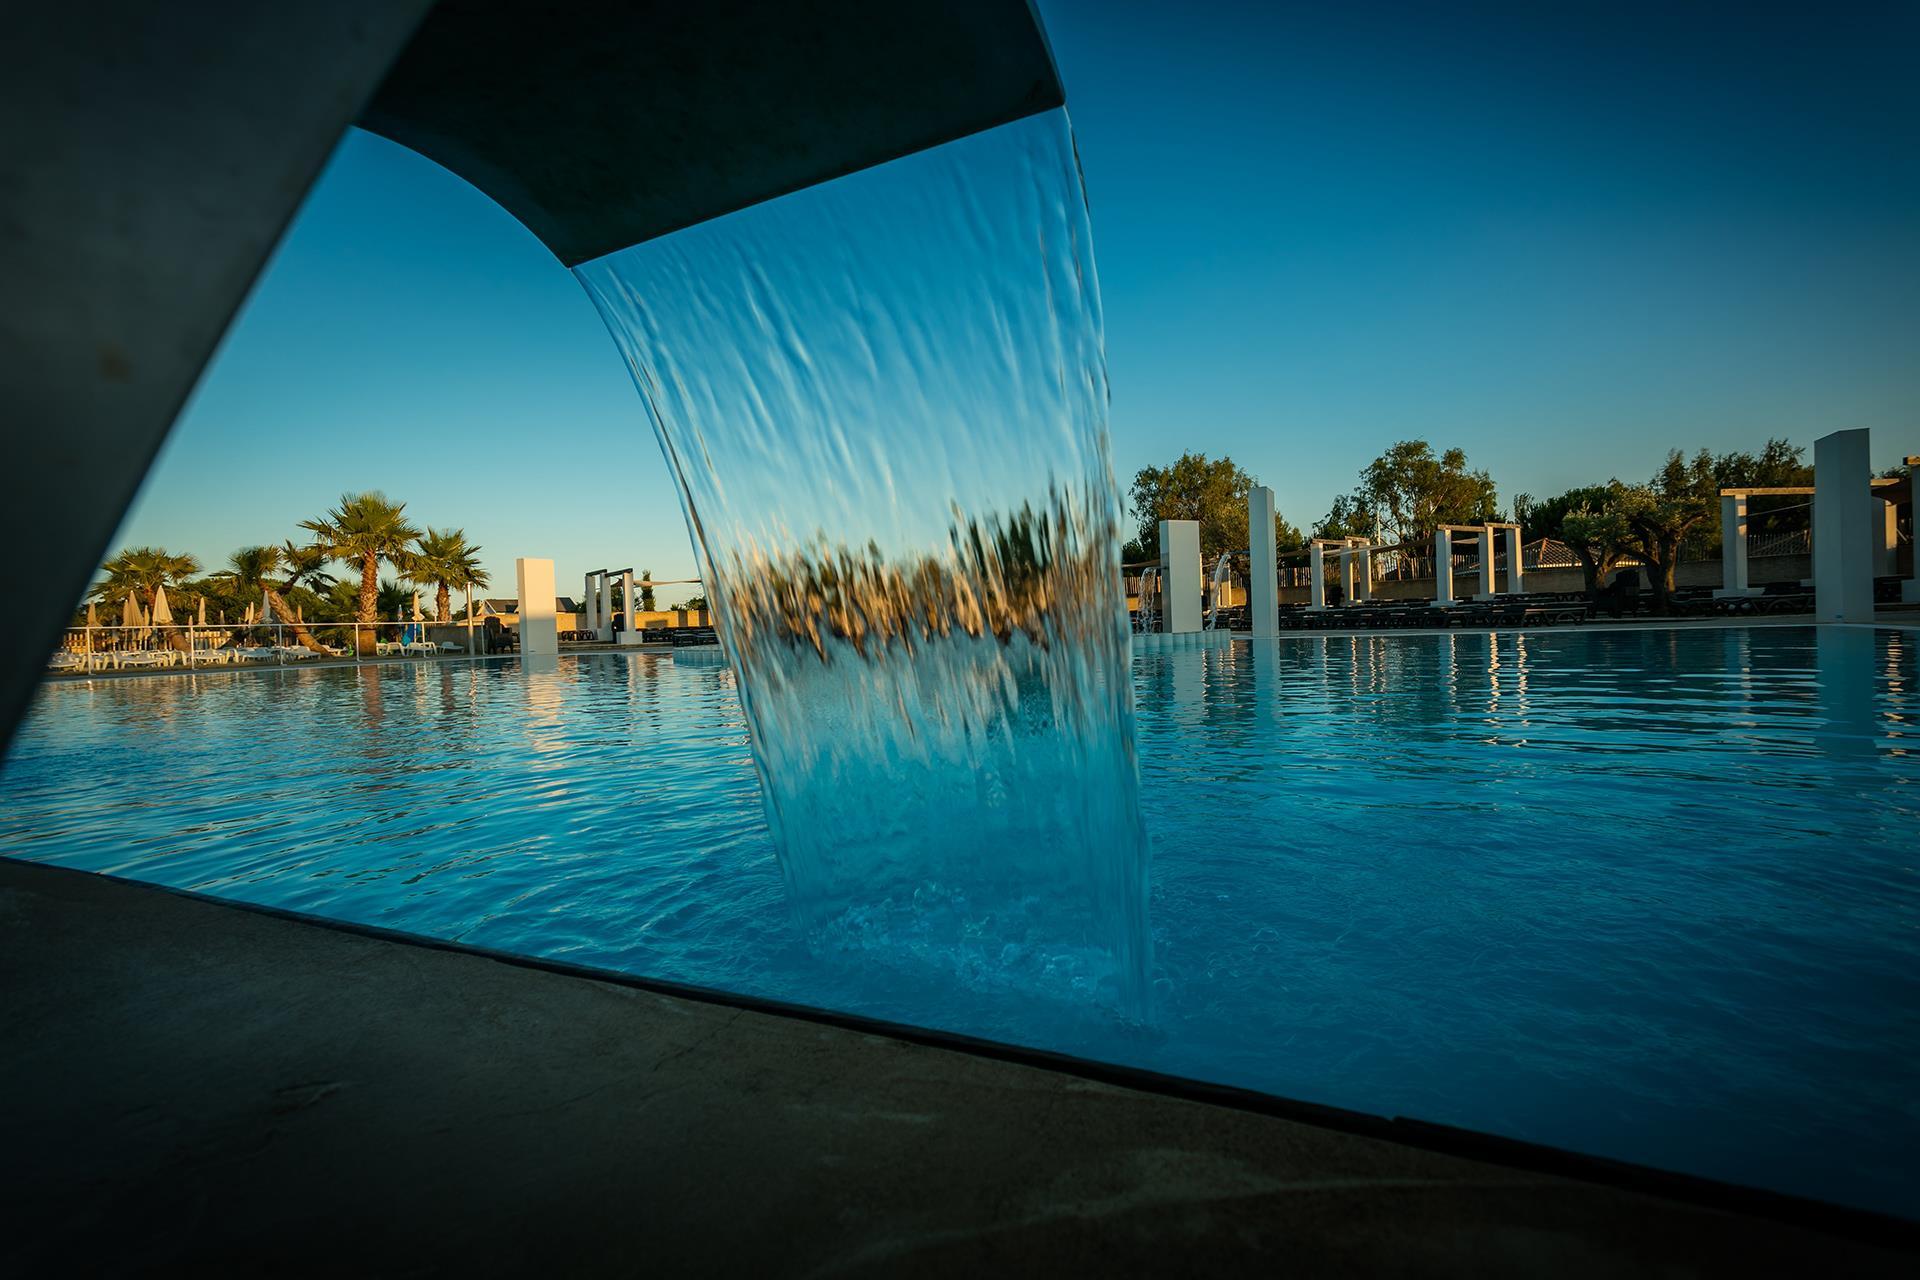 großer Pool Wasserfall Palmen Relaxen